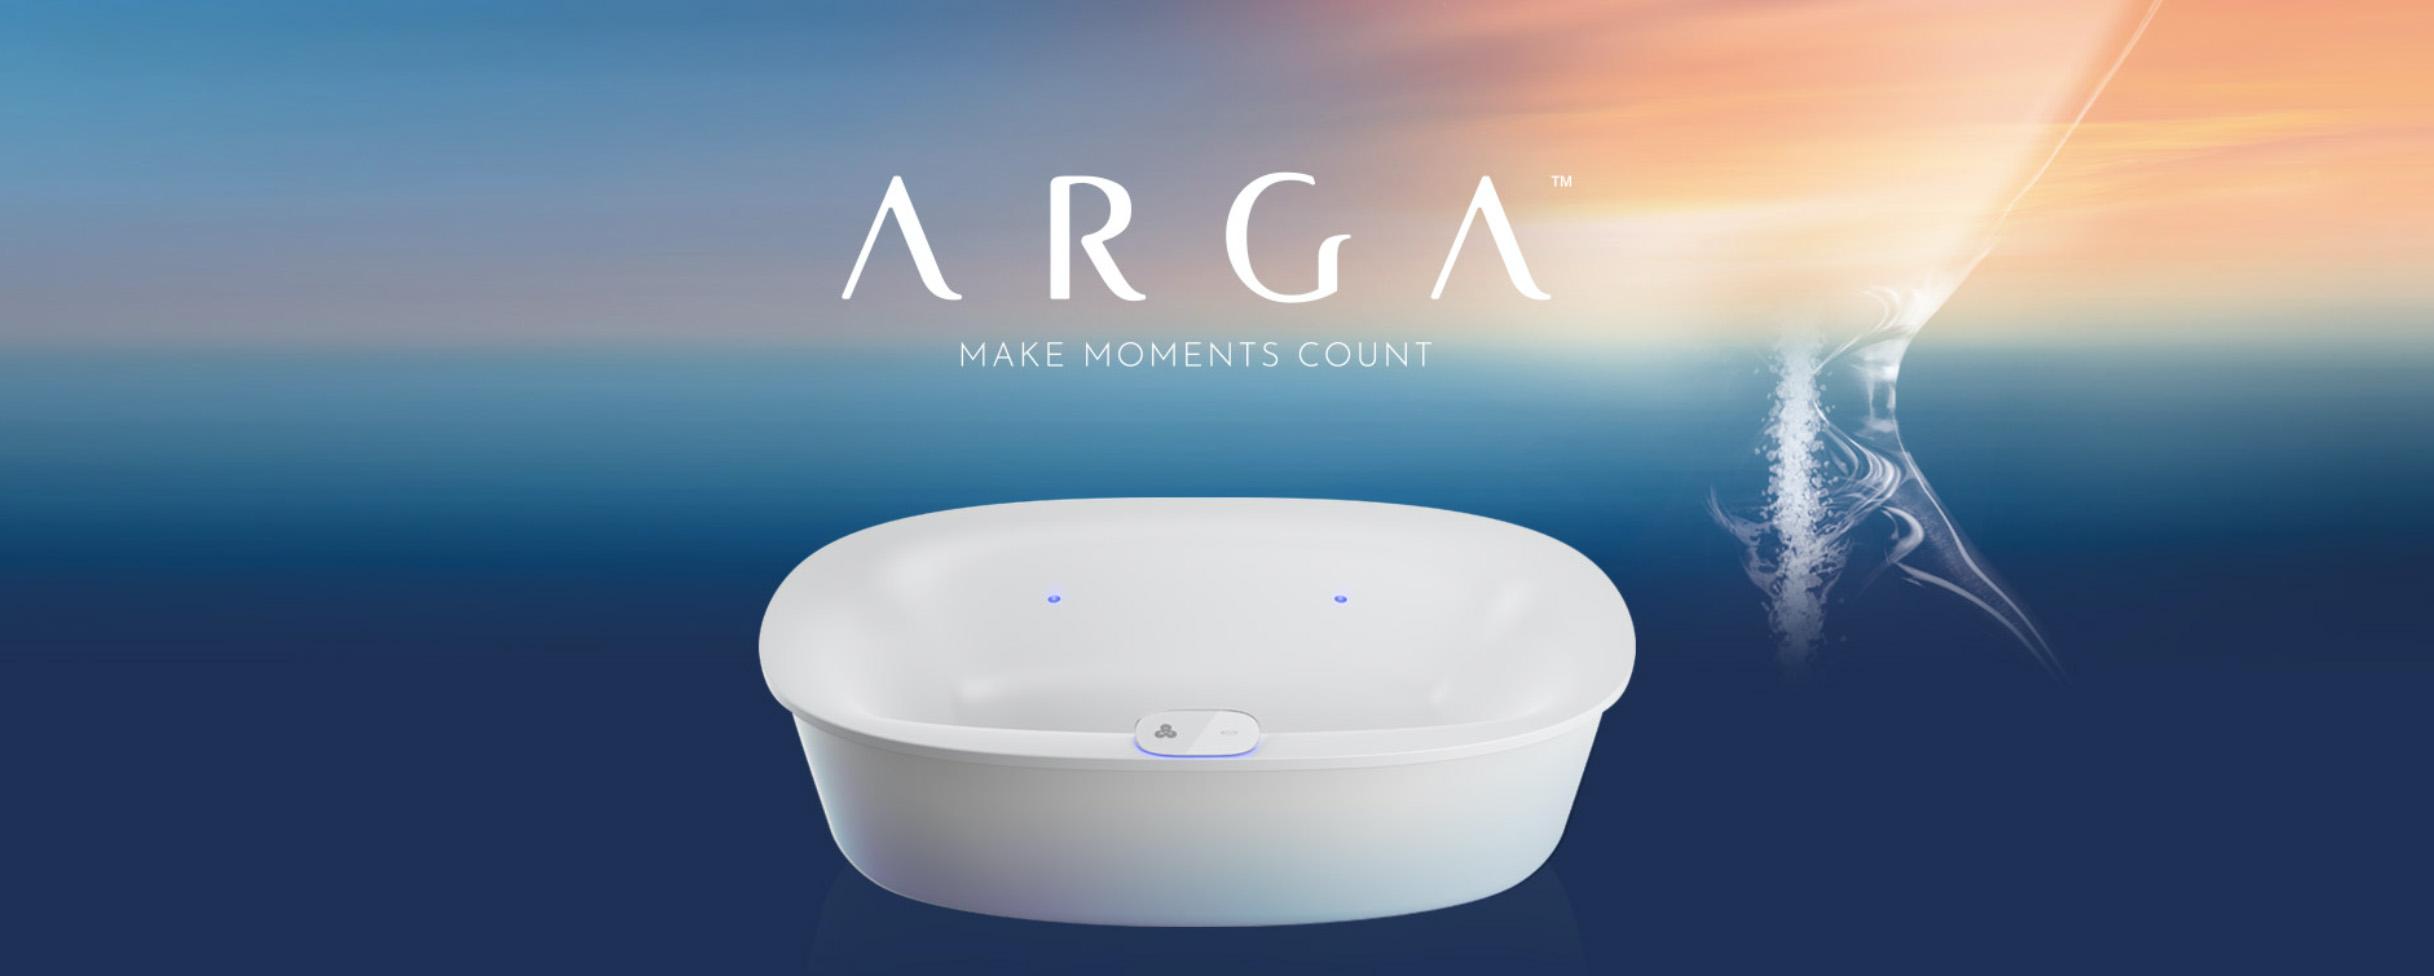 arga_visual_adv